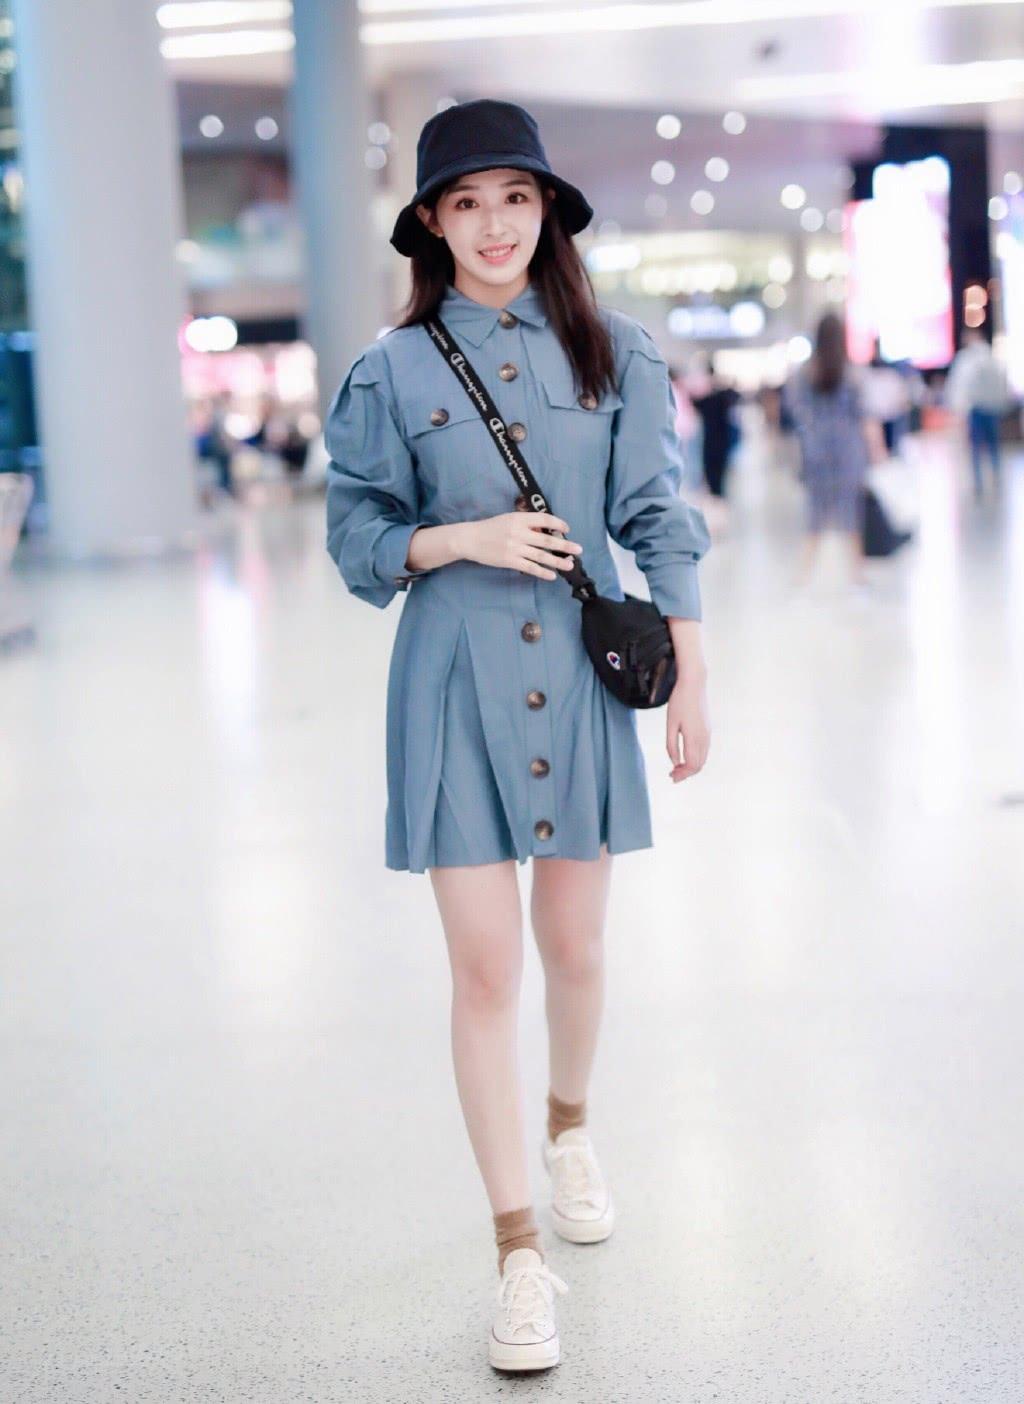 她15岁因《超级女声》红遍中国,穿衬衫裙戴渔夫帽,少女感十足